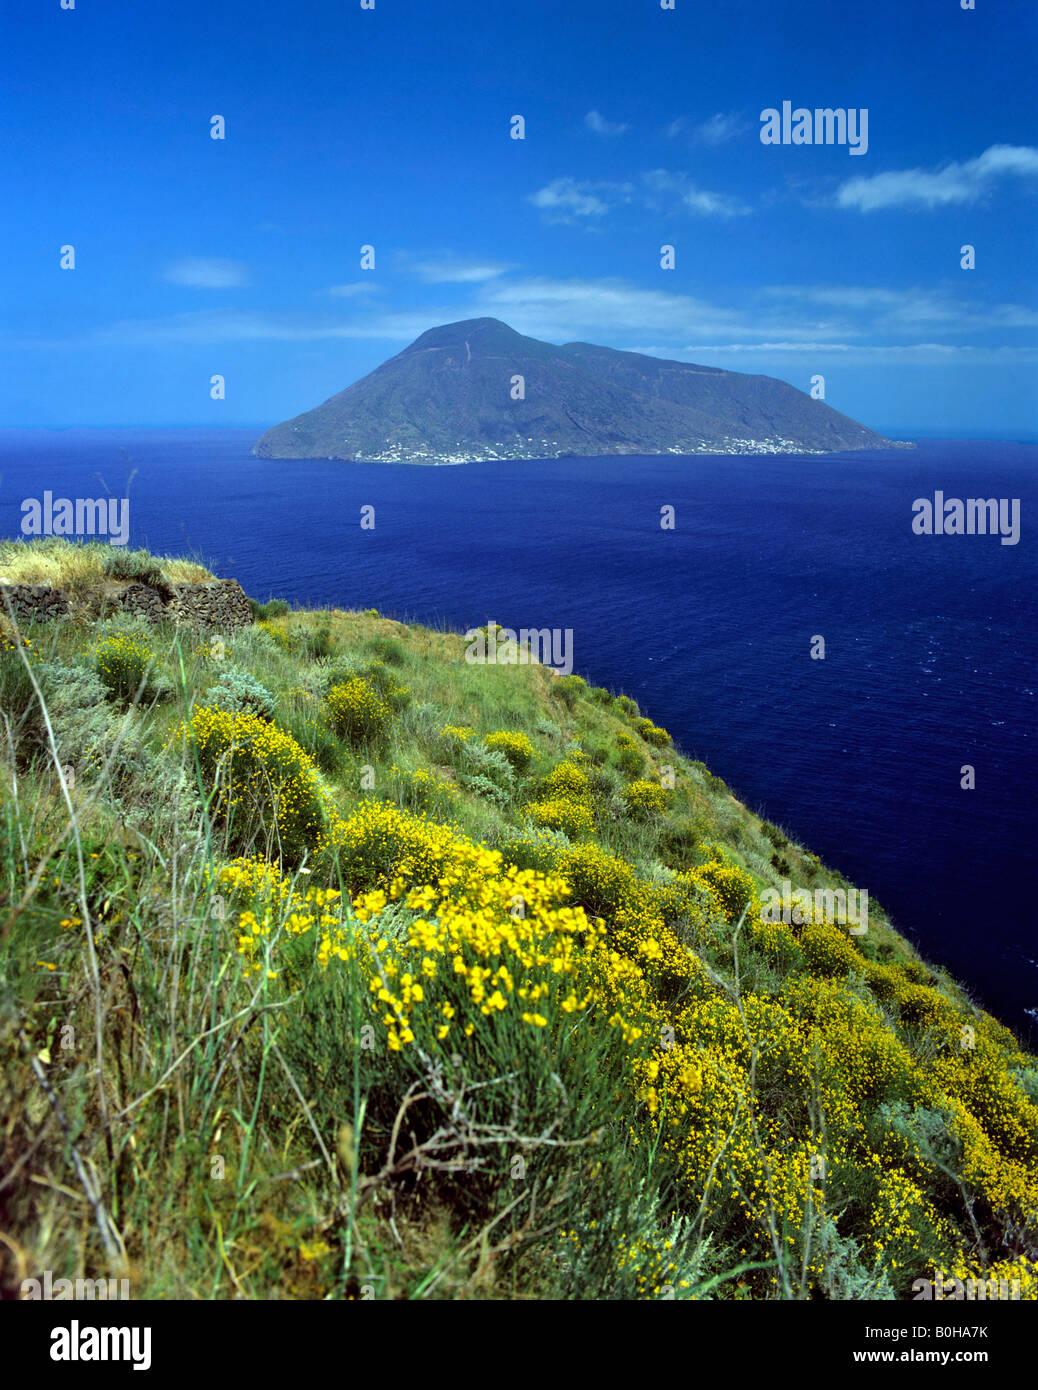 Isola di Salina visto dall isola di Lipari, Isole Eolie, in Sicilia, Italia Immagini Stock